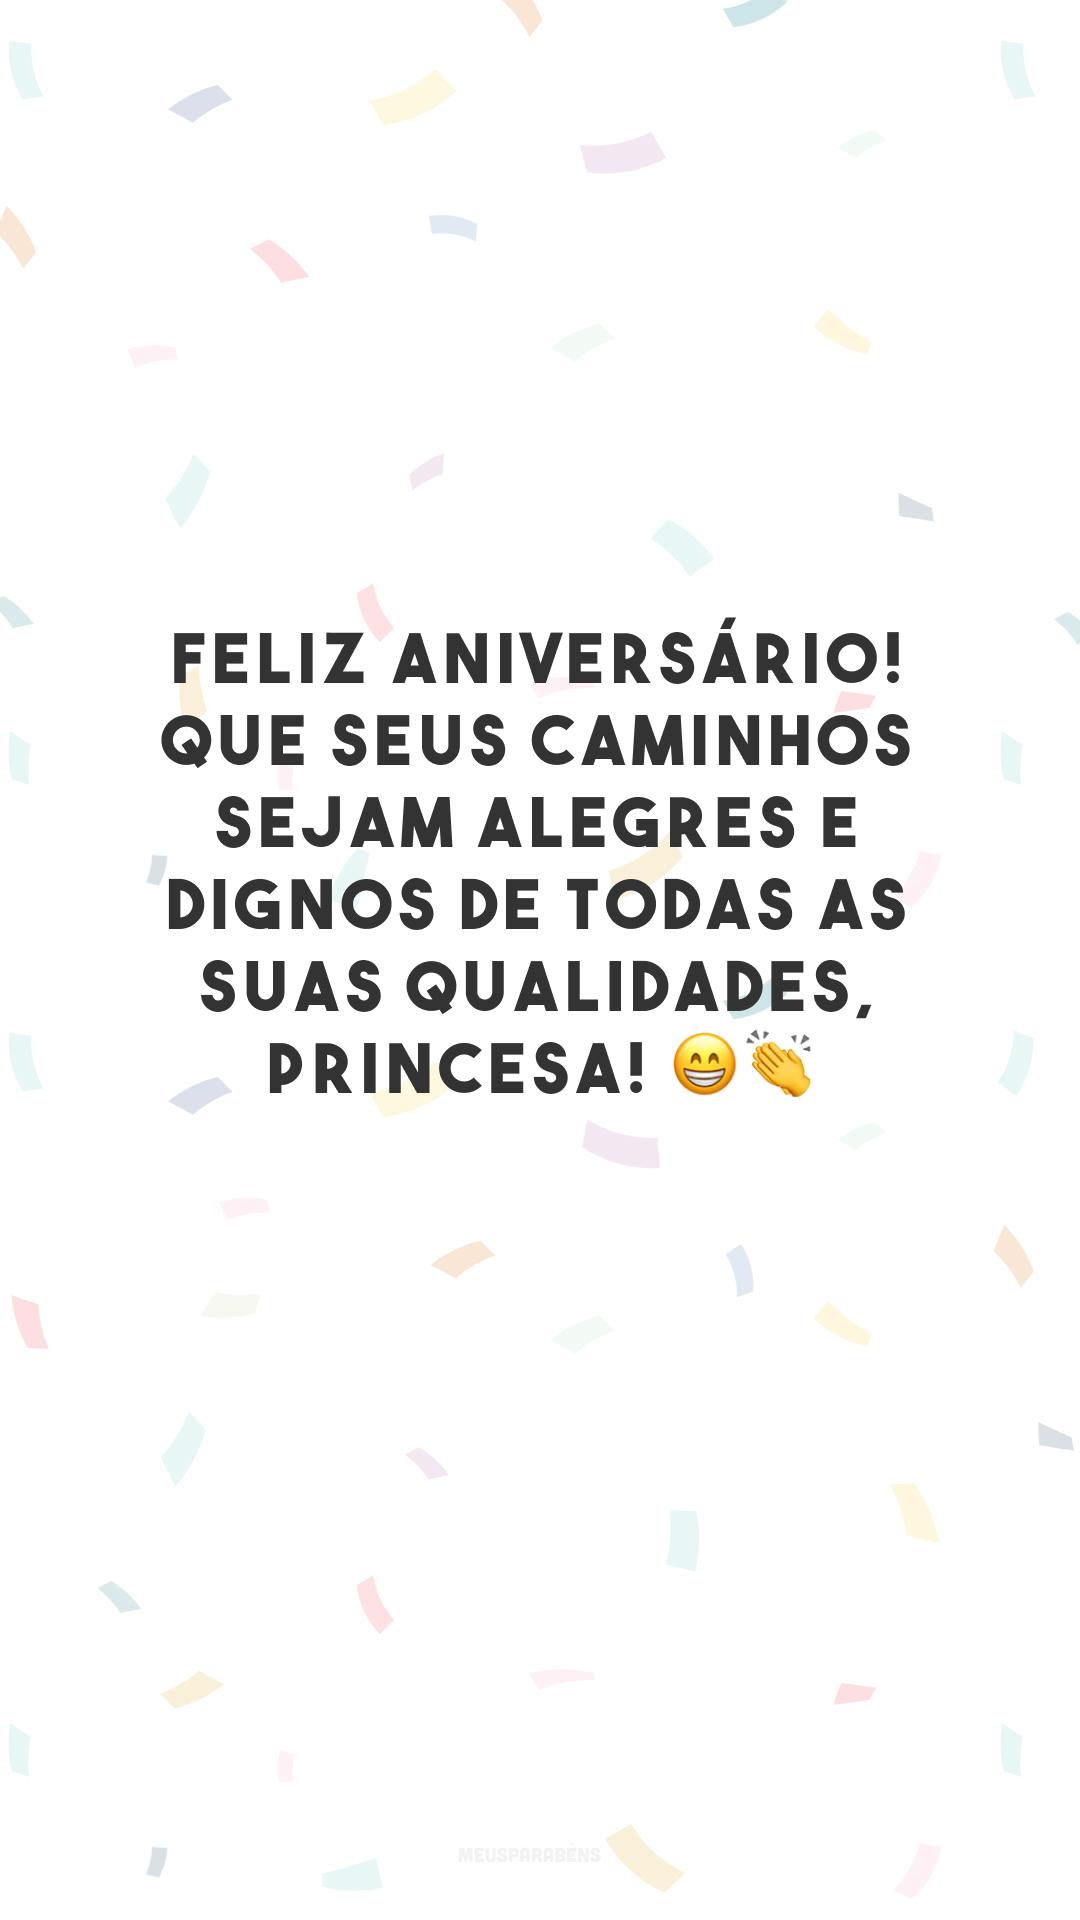 Feliz aniversário! Que seus caminhos sejam alegres e dignos de todas as suas qualidades, princesa! 😁👏